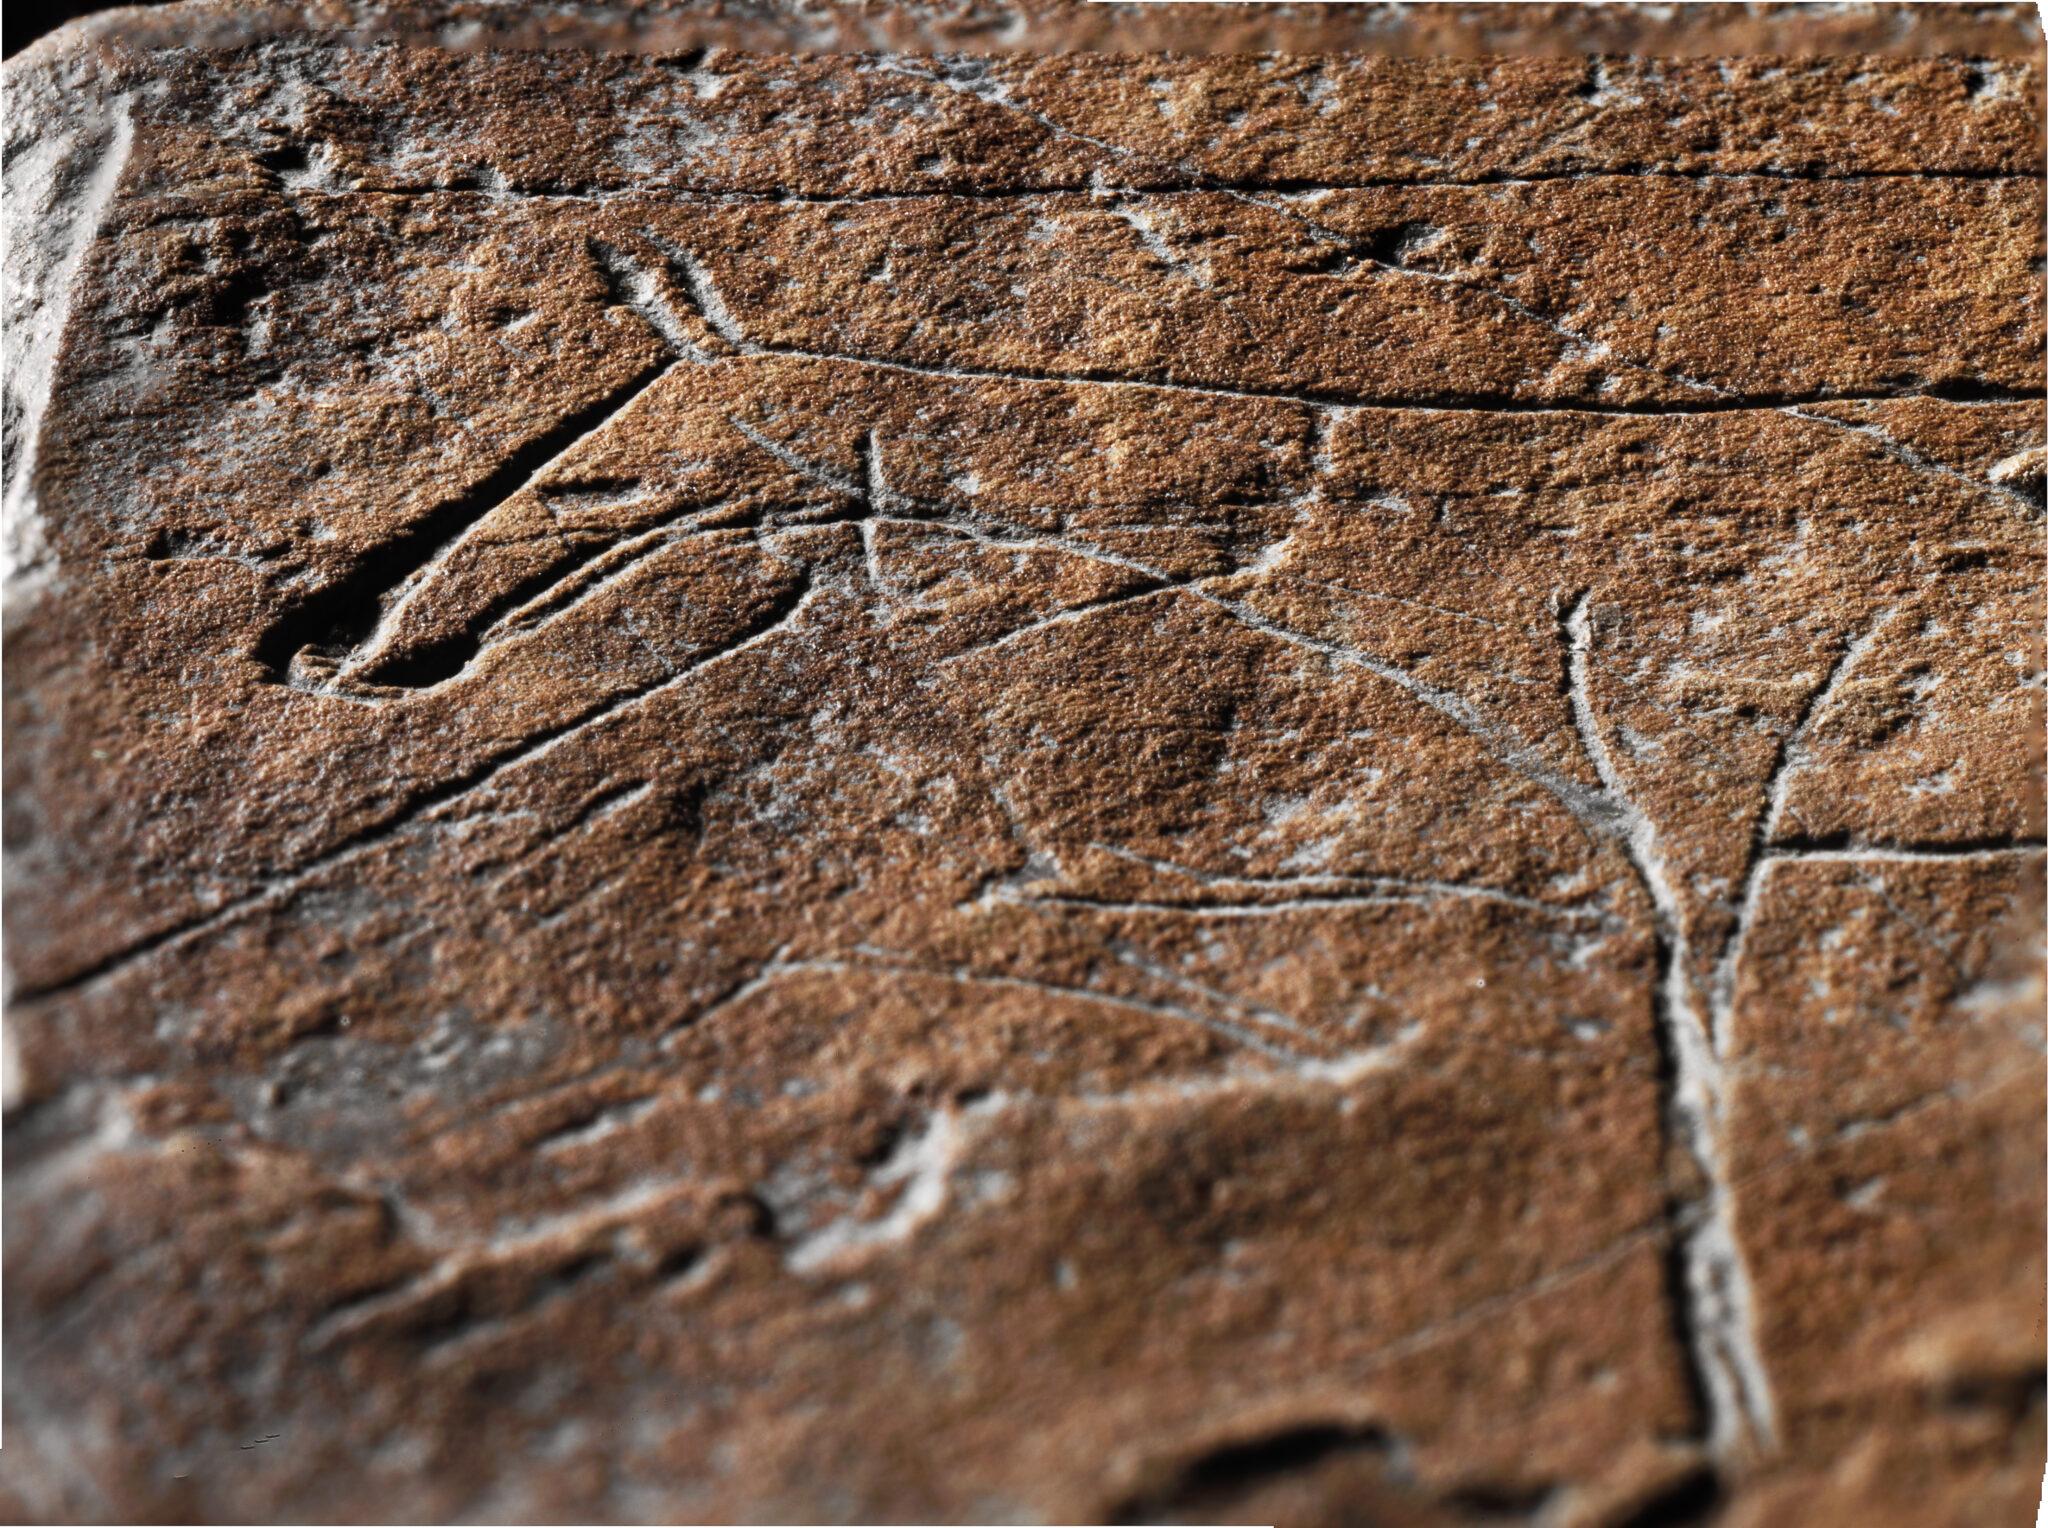 Steinplättchen mit Tiergravierungen, gefunden in Schweizersbild, Kanton Schaffhausen. Foto